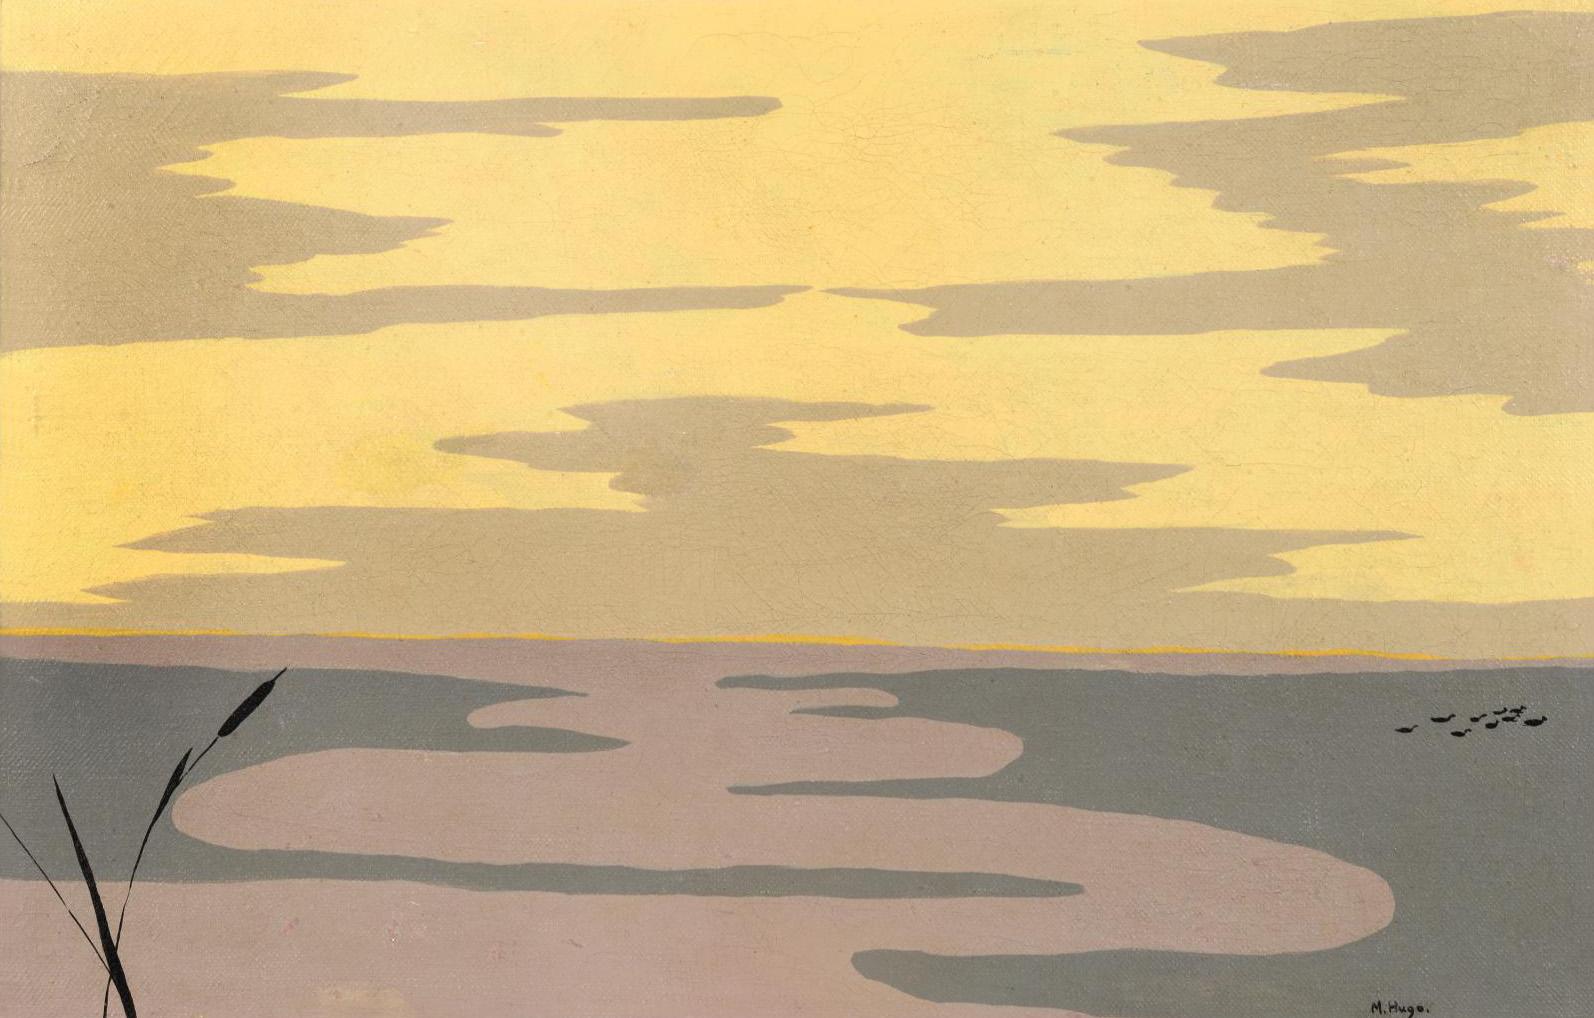 Marguerite Hugo (1896-1984), Marais (Swamp), oil on canvas, 26.5 x 39.8 cm (10.43 x 15.6 in).© Suzanne Nagy